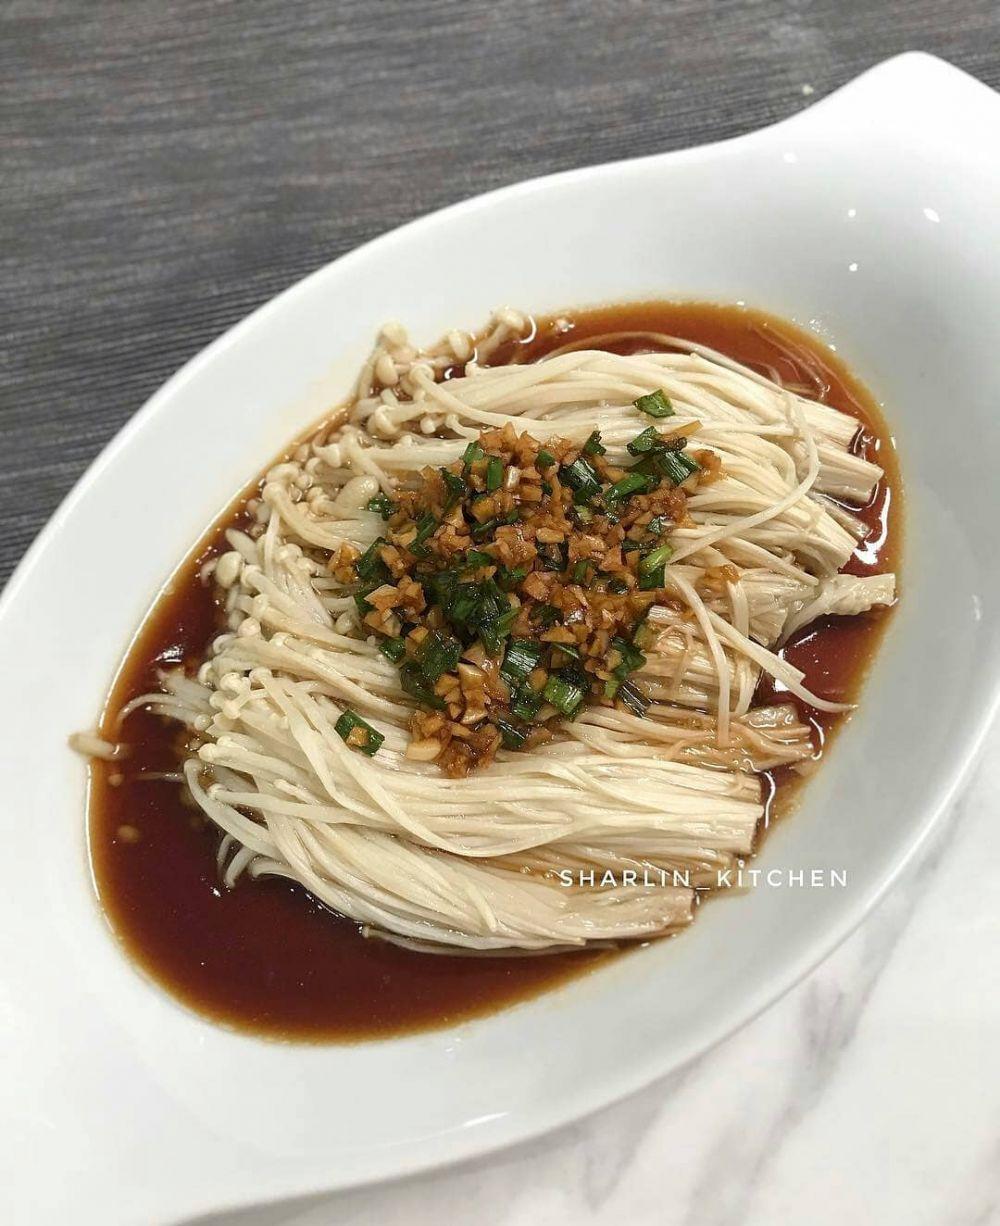 Masak Jamur Enoki : masak, jamur, enoki, Resep, Memasak, Jamur, Enoki,, Favorit,, Enak,, Mudah